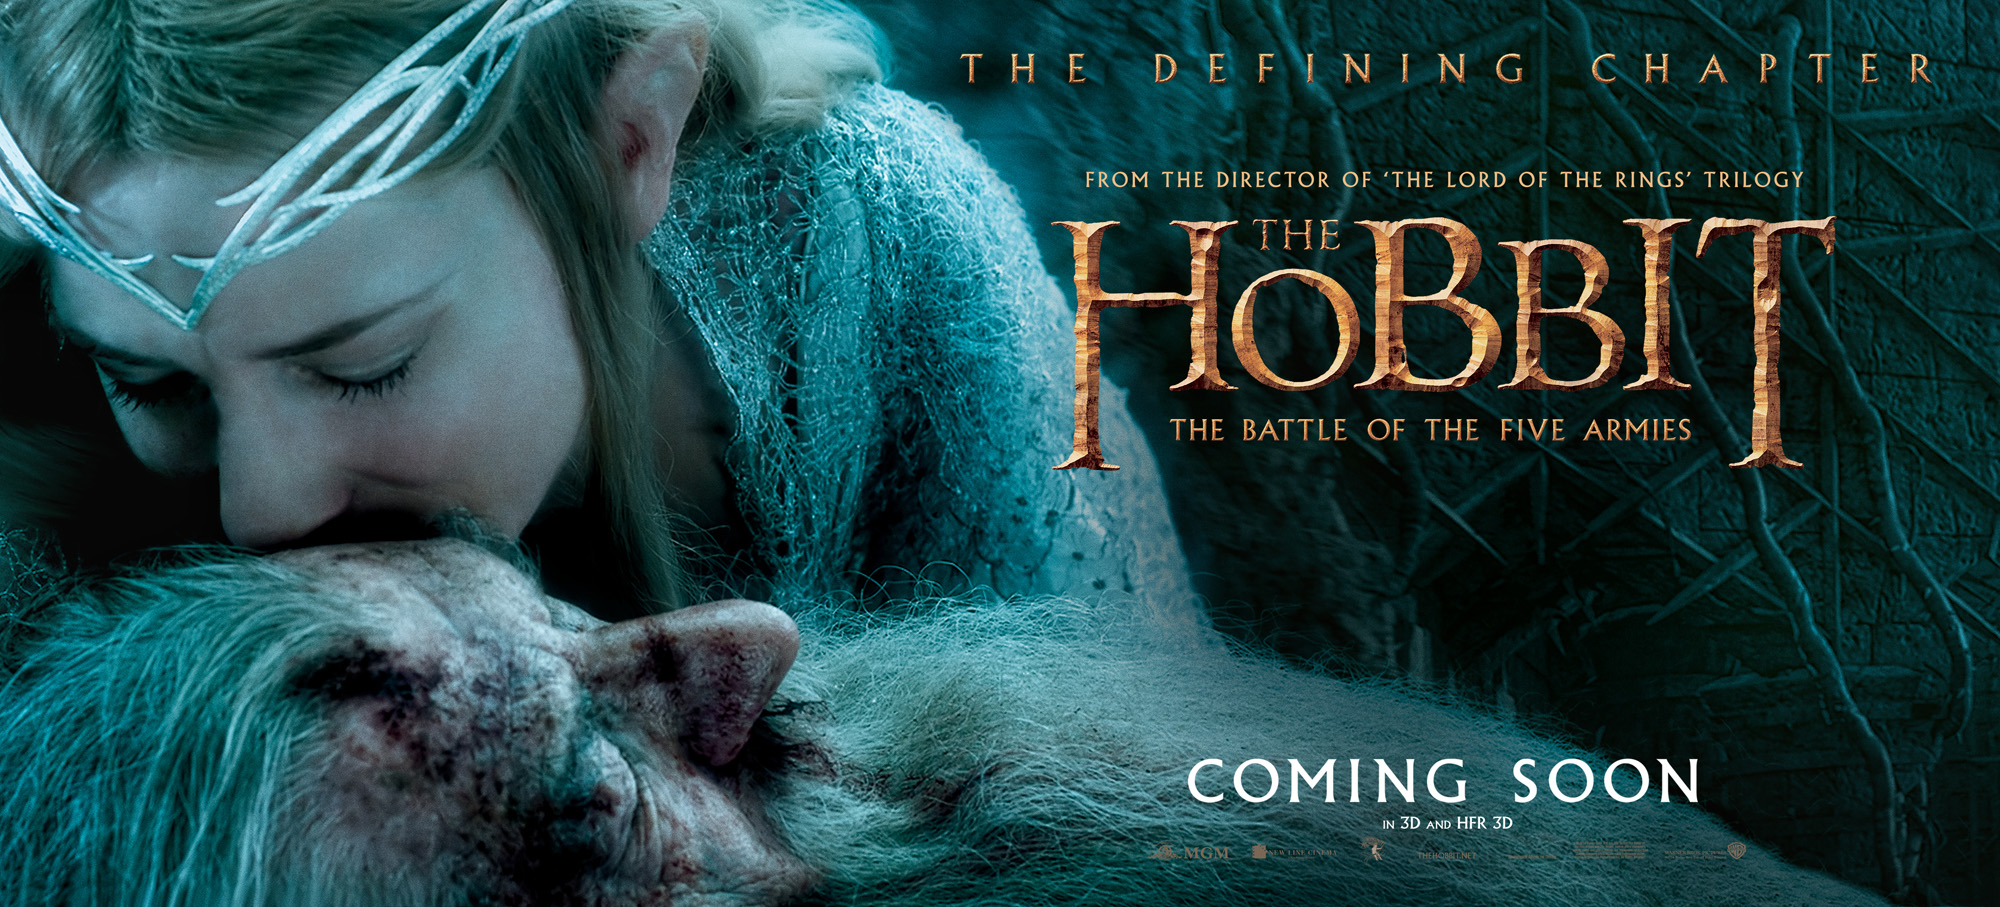 Le Seigneur des Anneaux / The Hobbit #3 HBFA_30Sht_Kiss_RGB_INTL